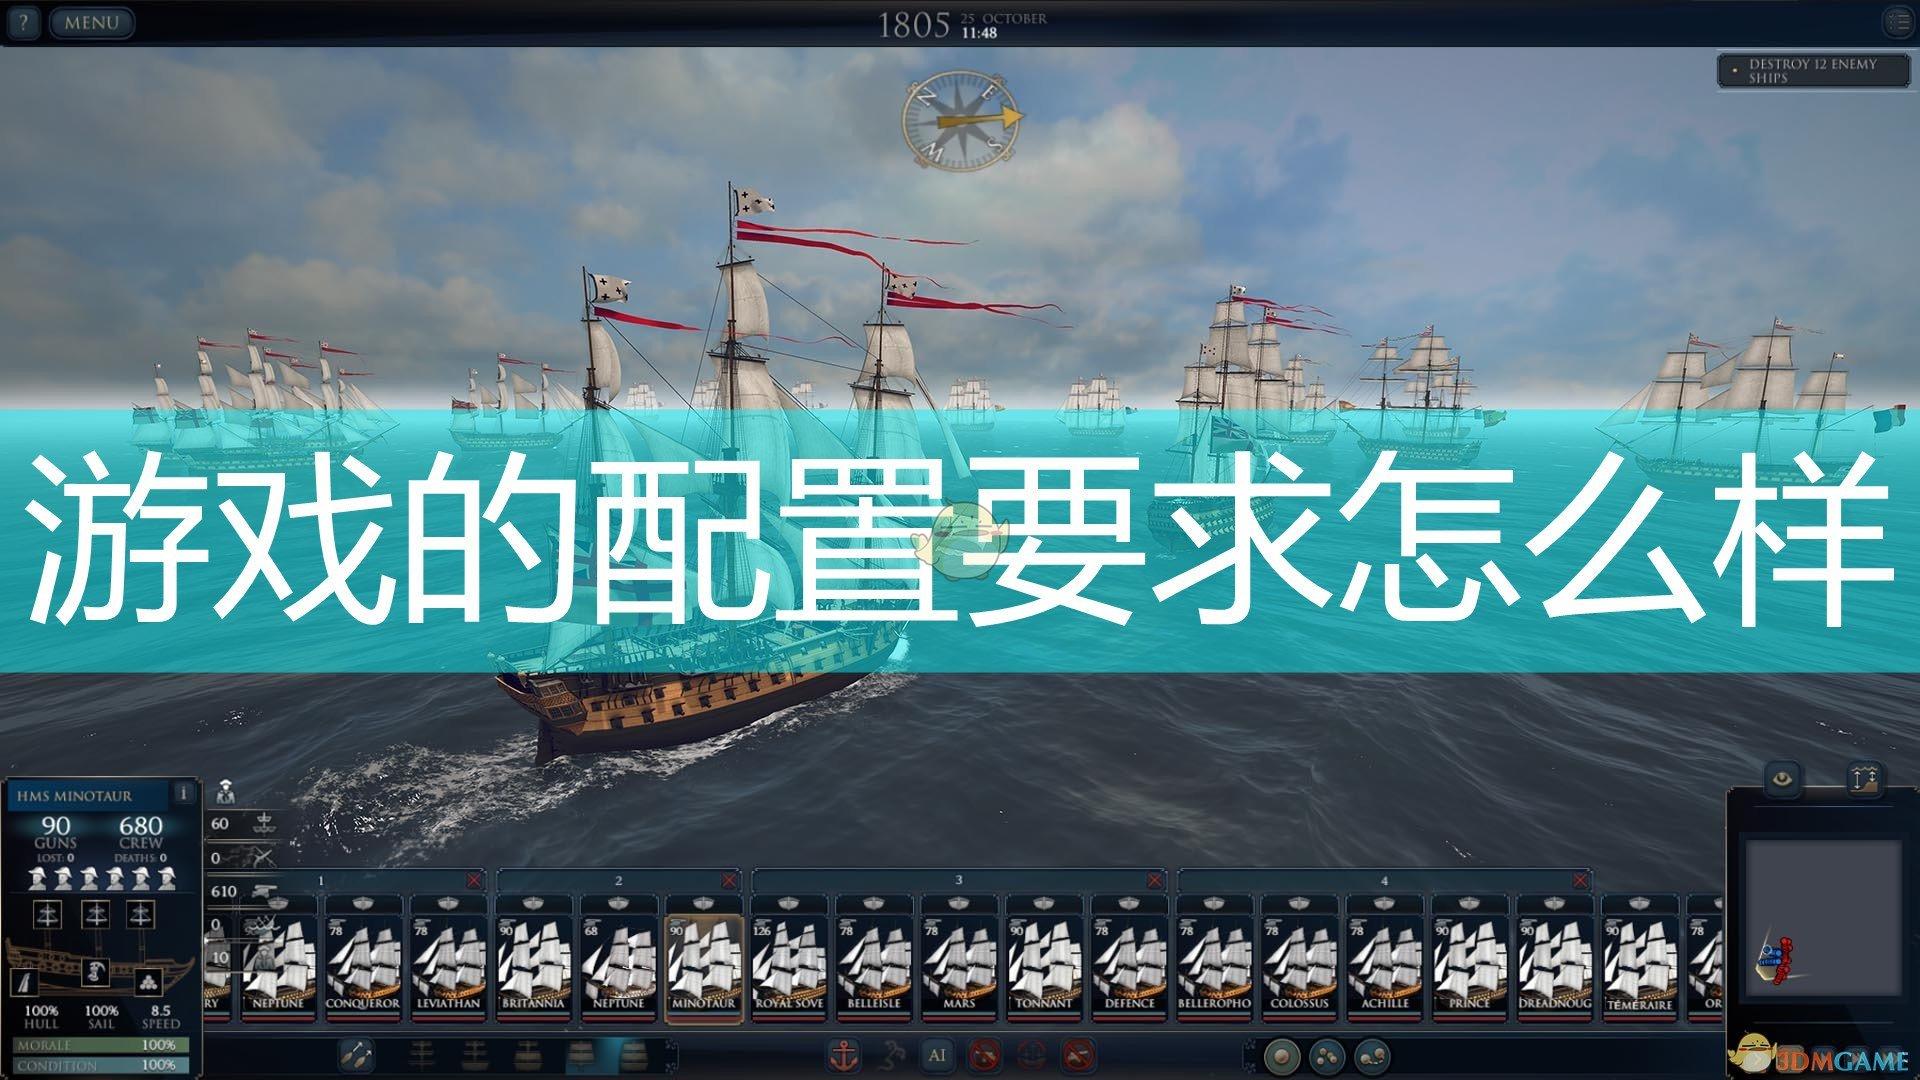 《终极提督:航海时代》游戏配置要求一览